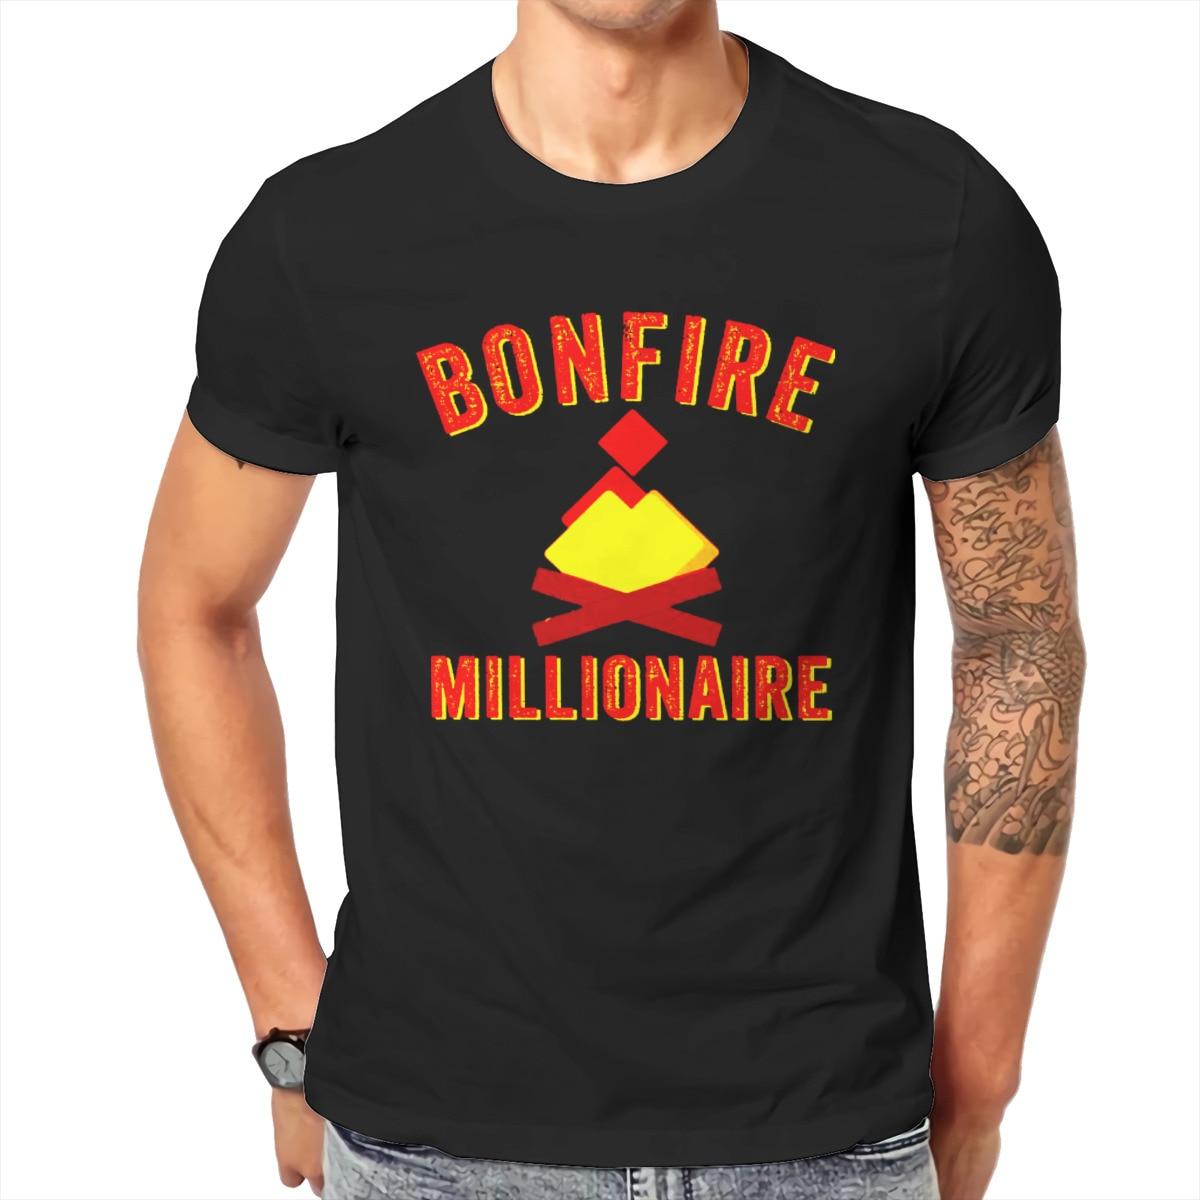 Men Bonfire Token - Bonfire Crypto, Bonfire Coin Bonfire Investor Altcoins Graphic Funny T-shirts